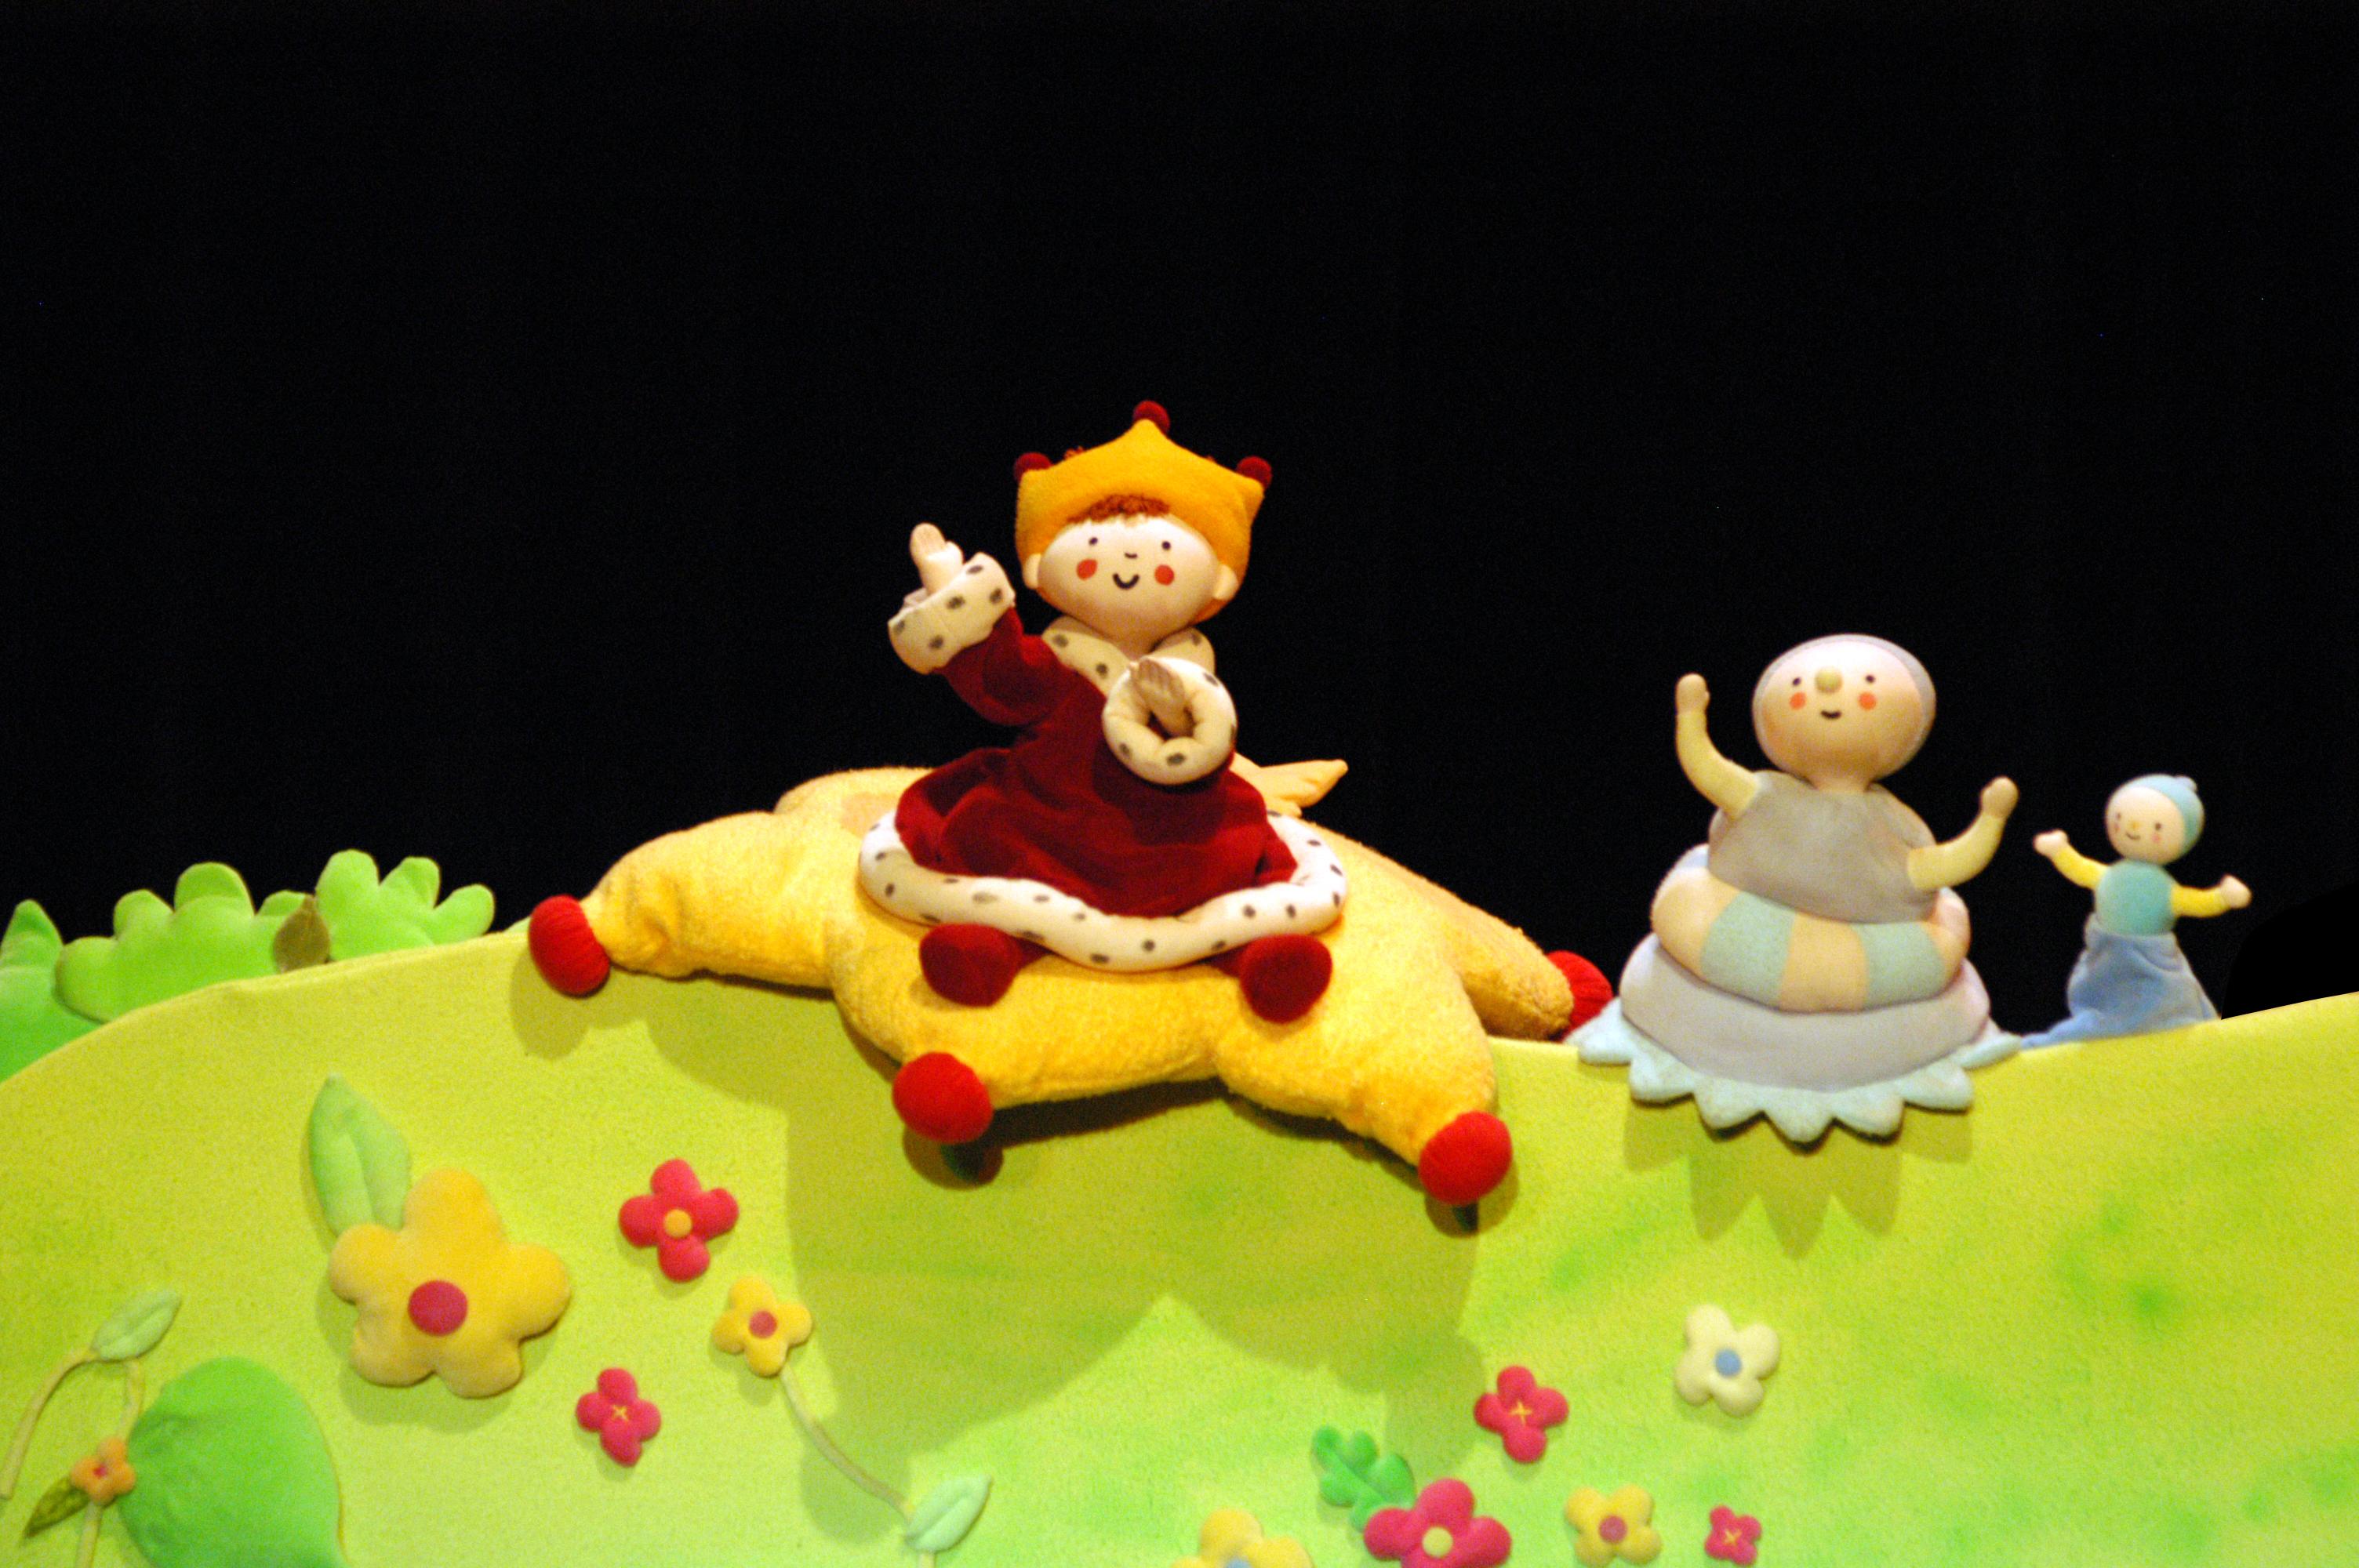 Doum, son doudou et le petit roi